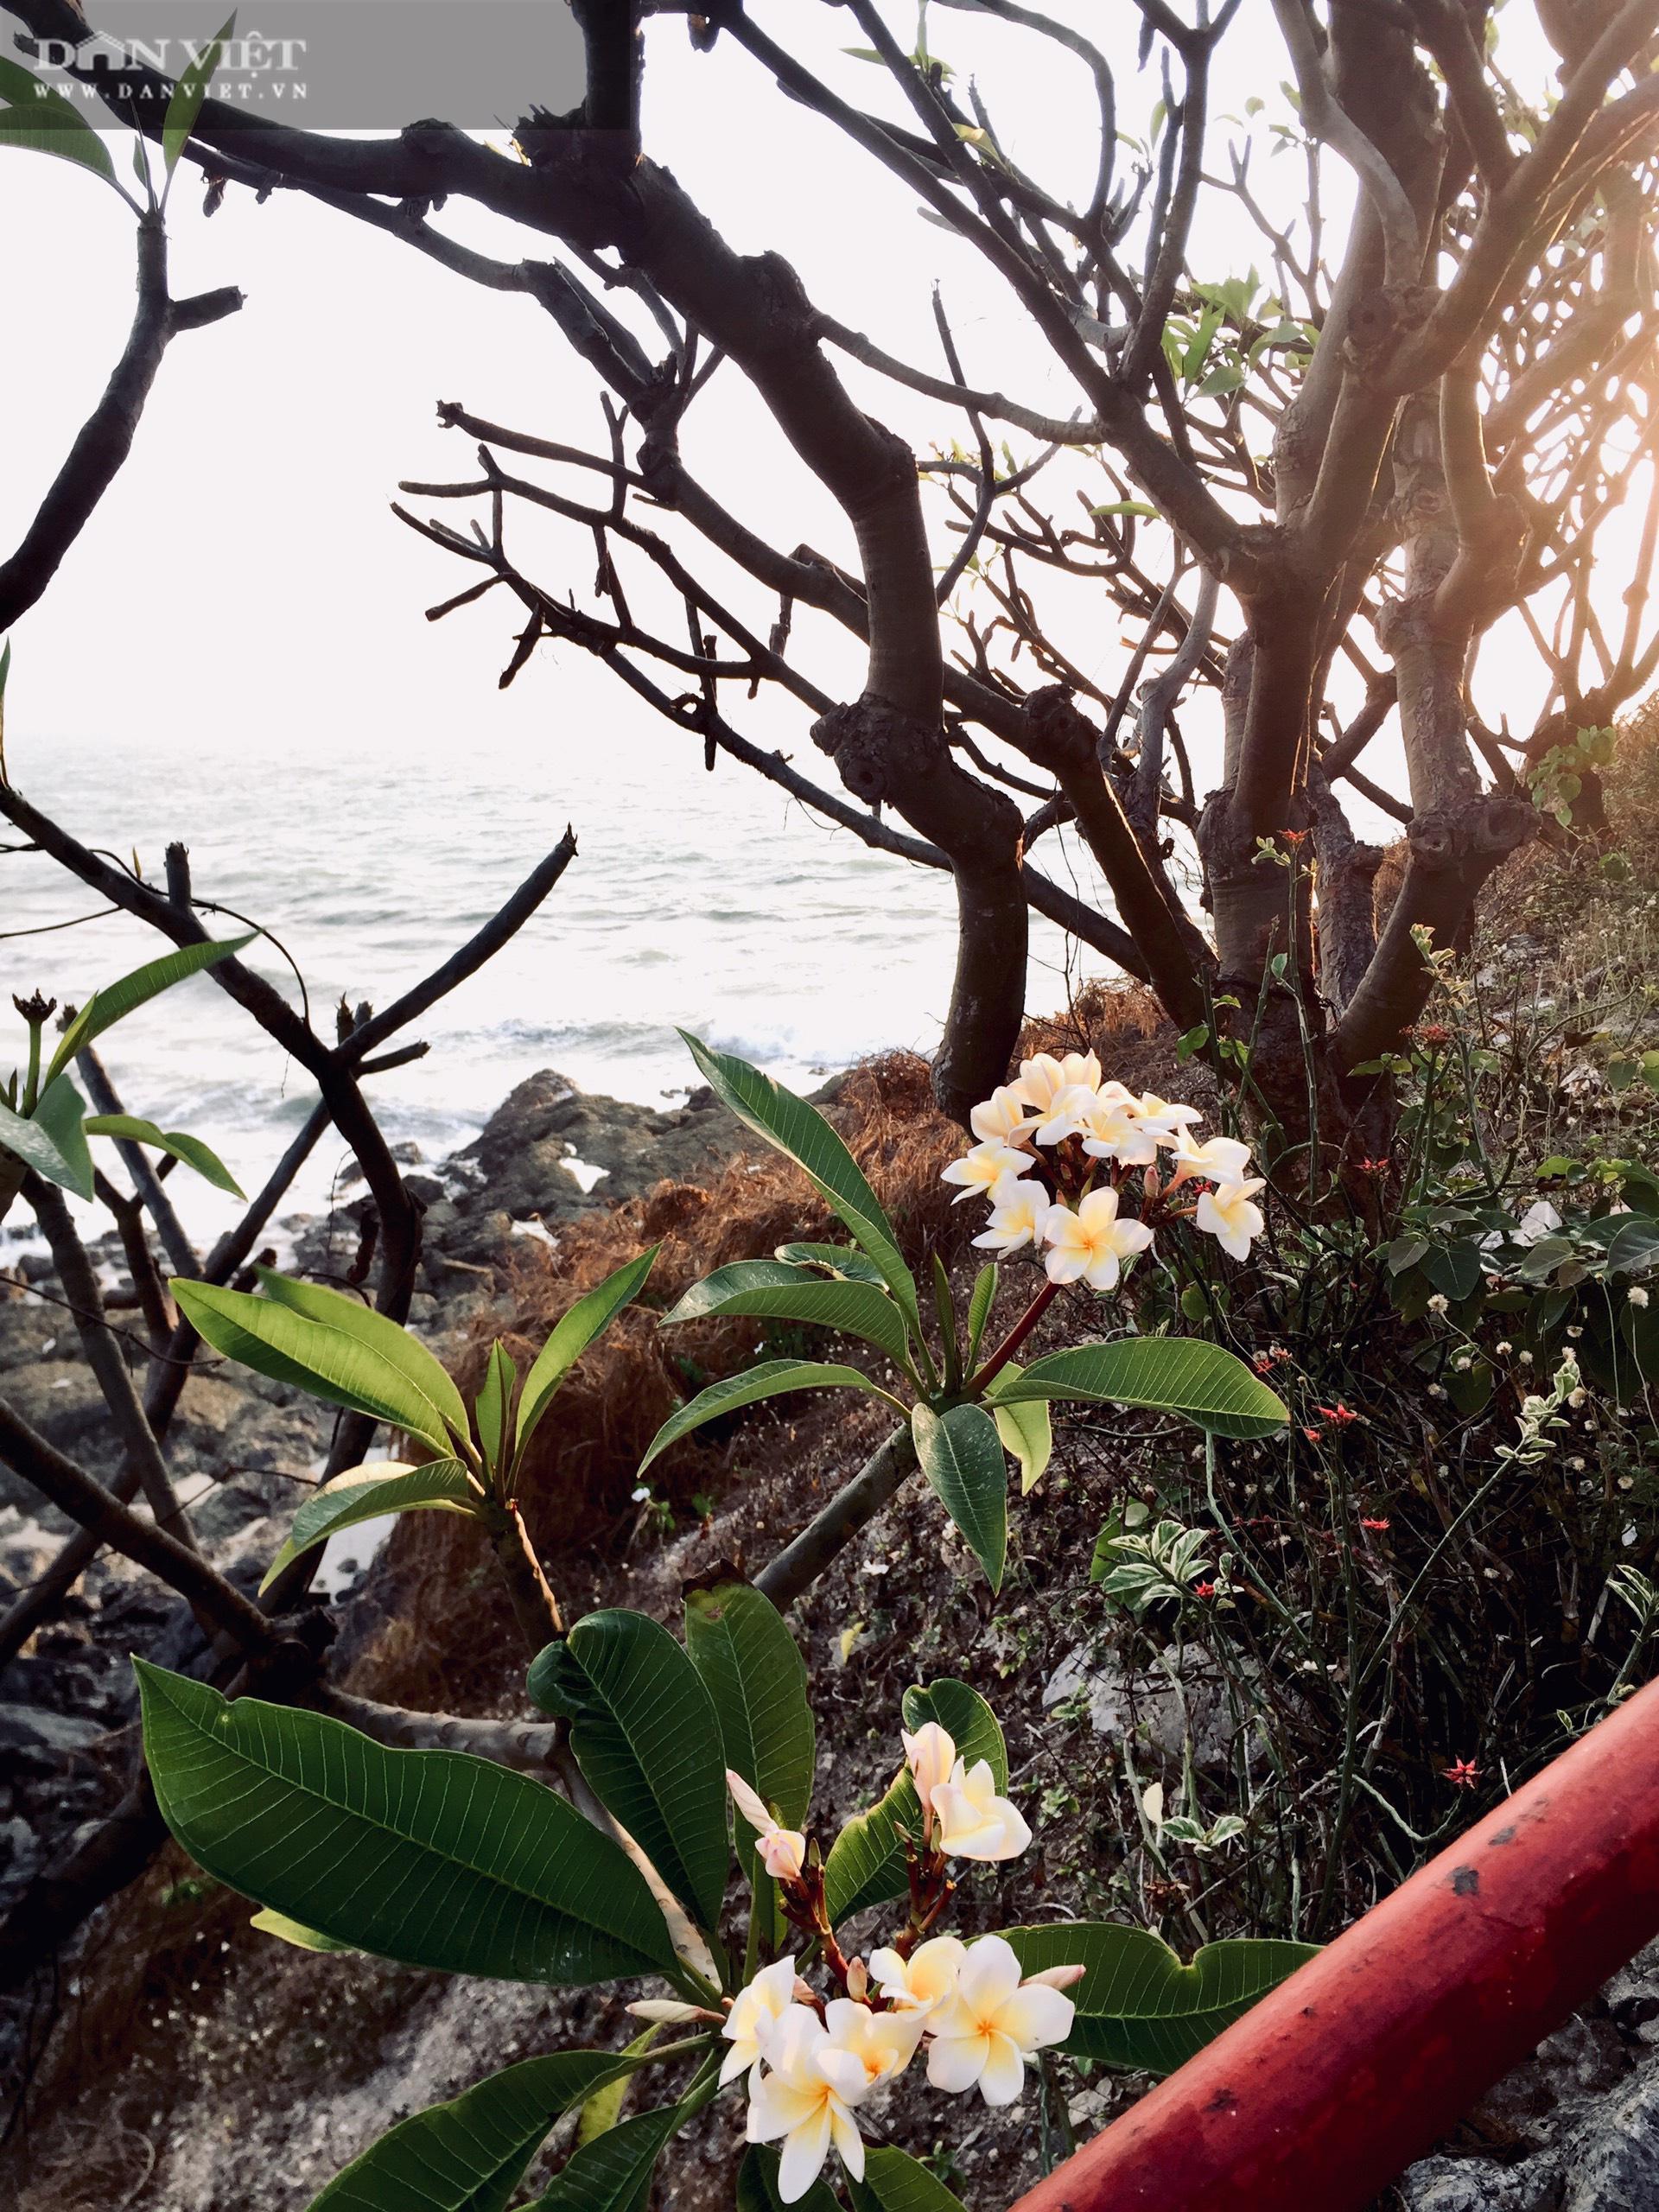 """Canh """"giờ vàng"""" lần theo con đường bí ẩn dưới nước đến thăm ngôi miếu có vị trí đặc biệt nhất Việt Nam - Ảnh 12."""